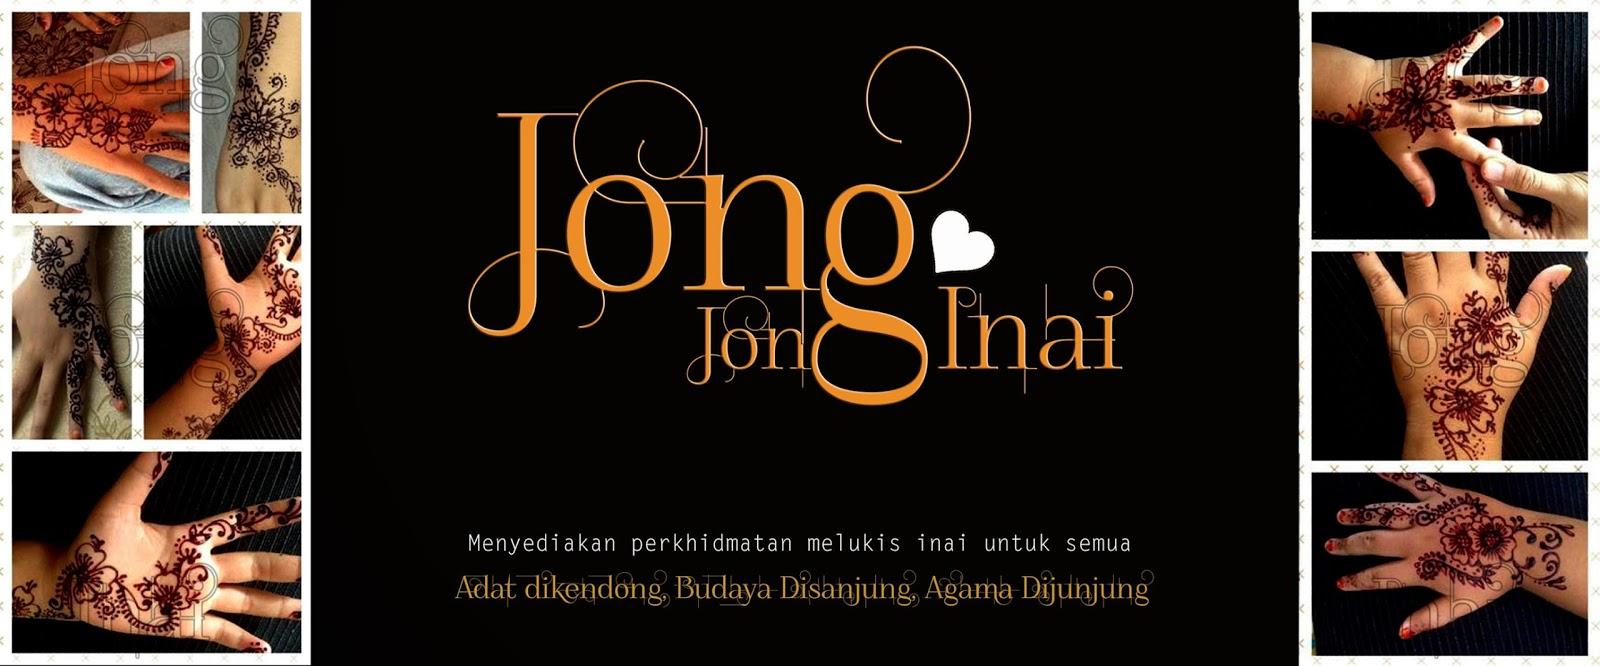 Jong Jong Inai Penang